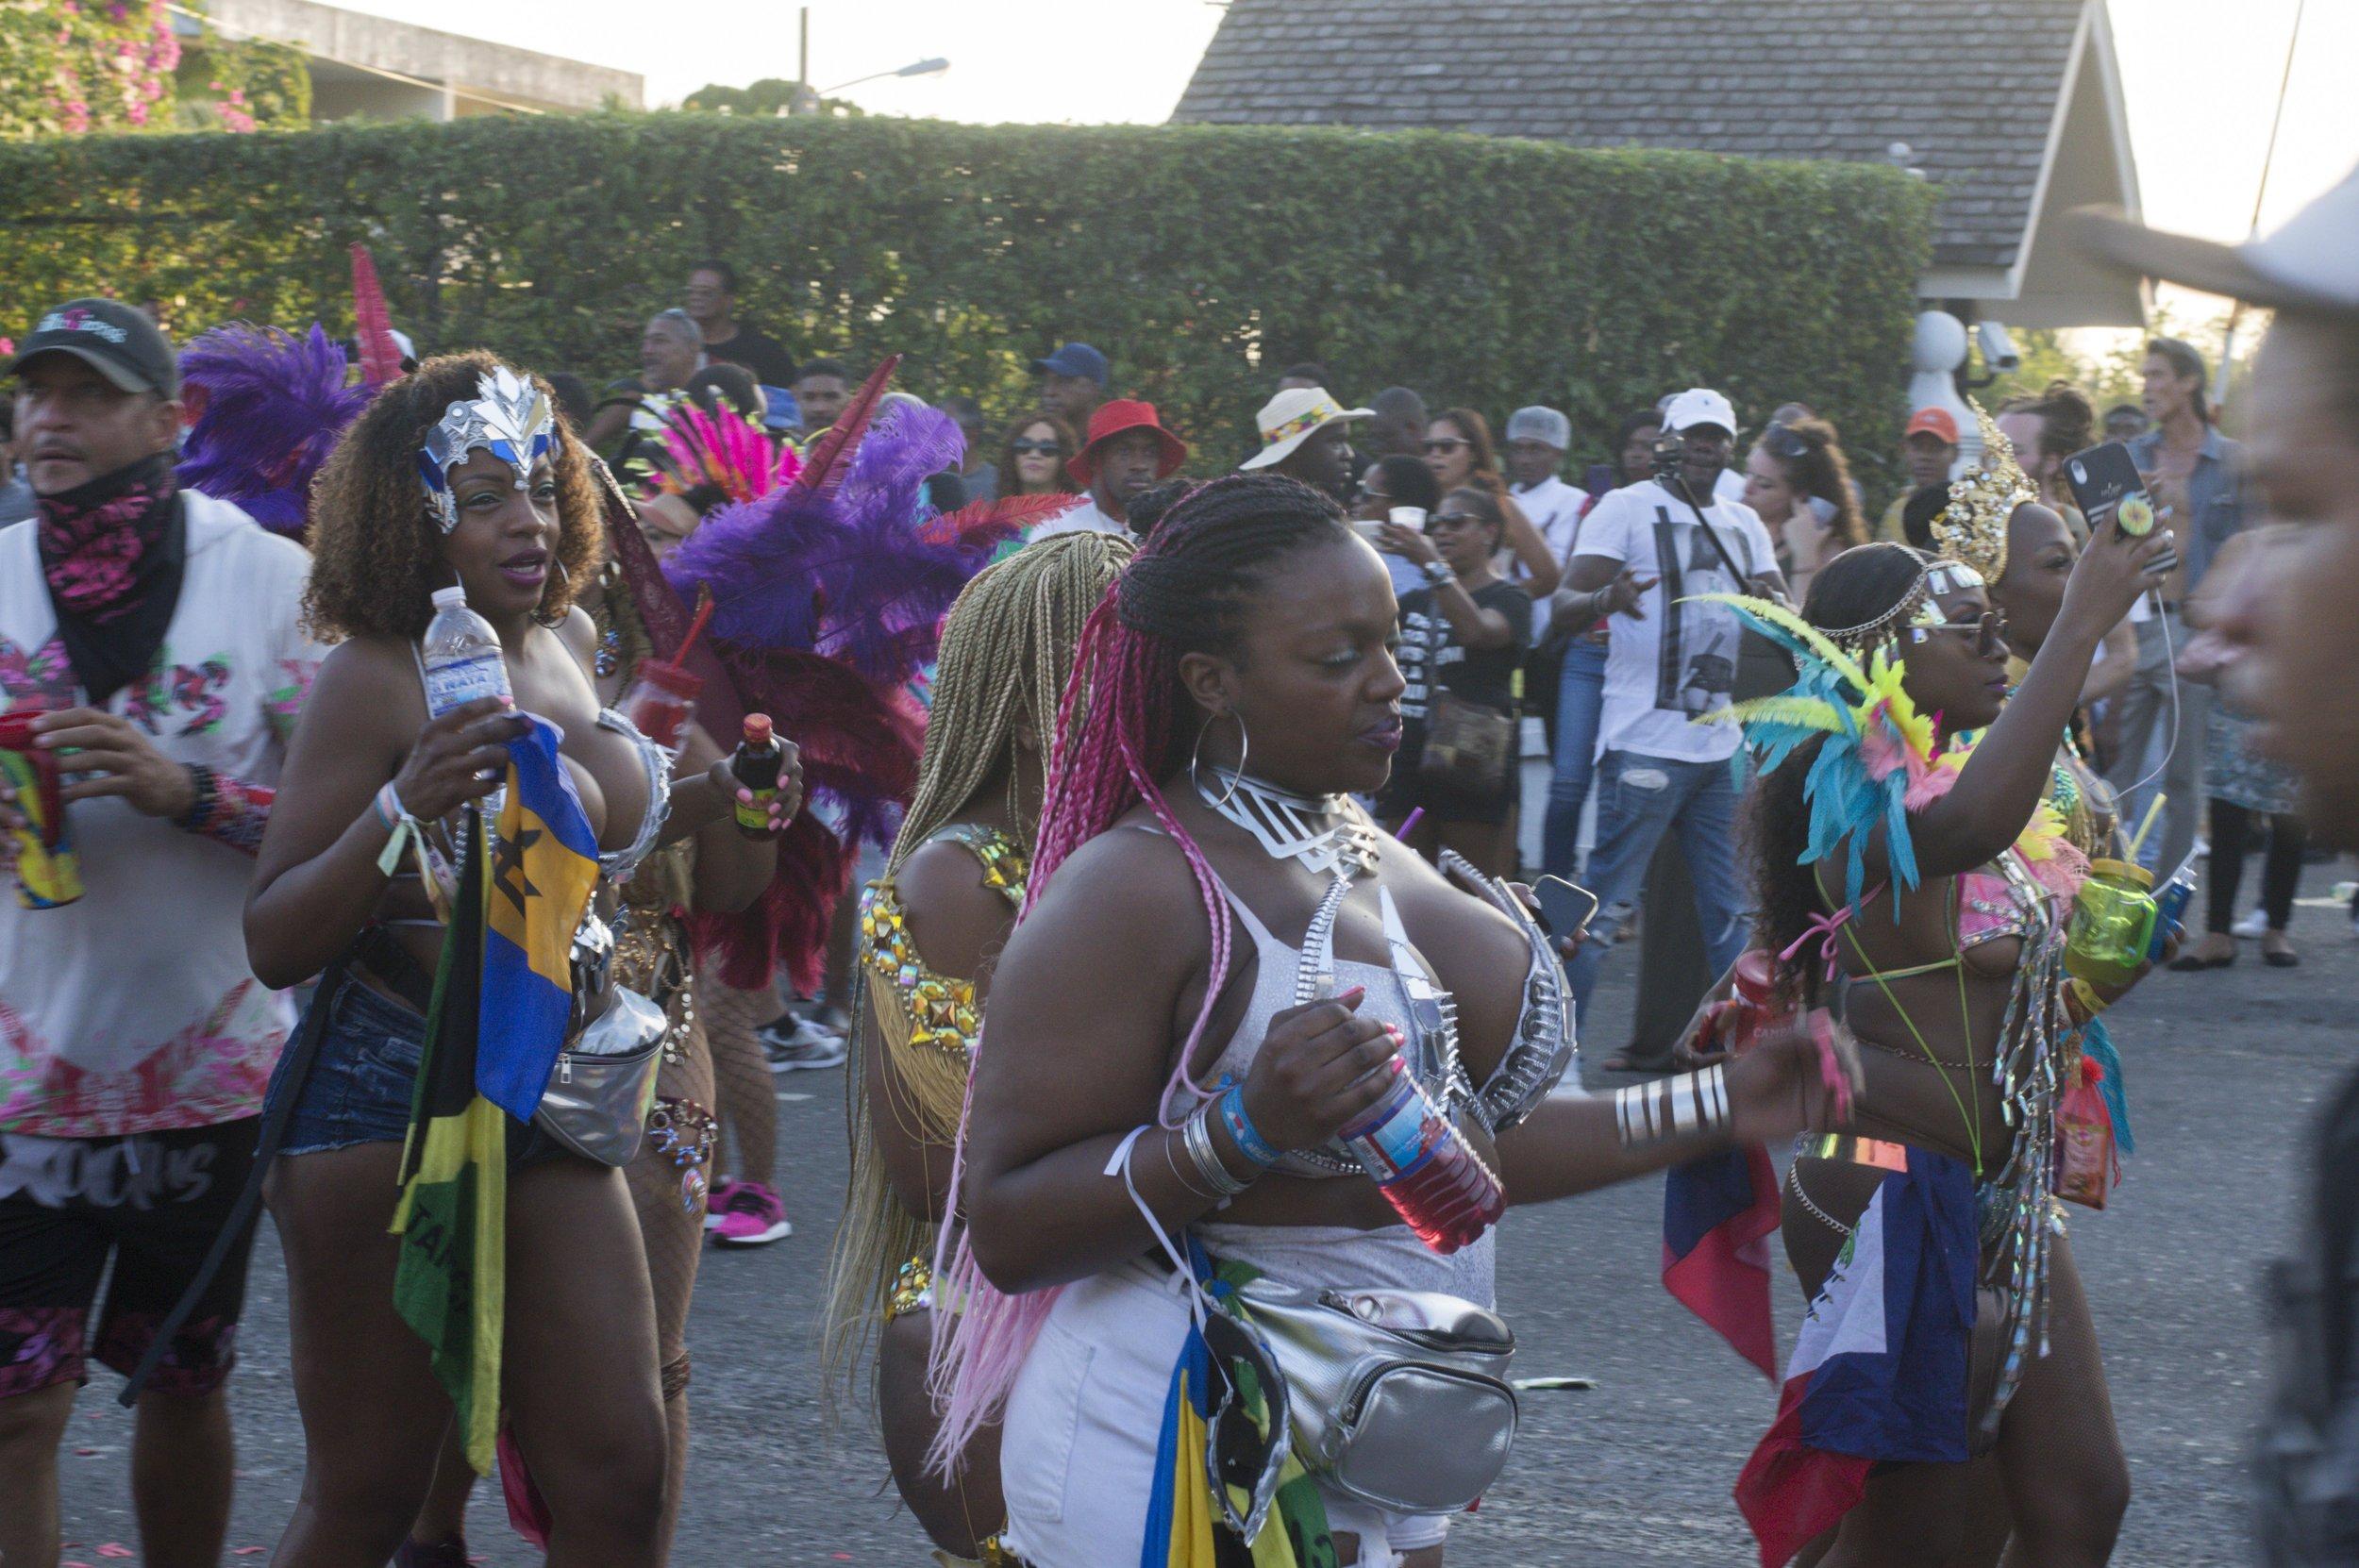 carnival2019_jeanalindo-44.jpg